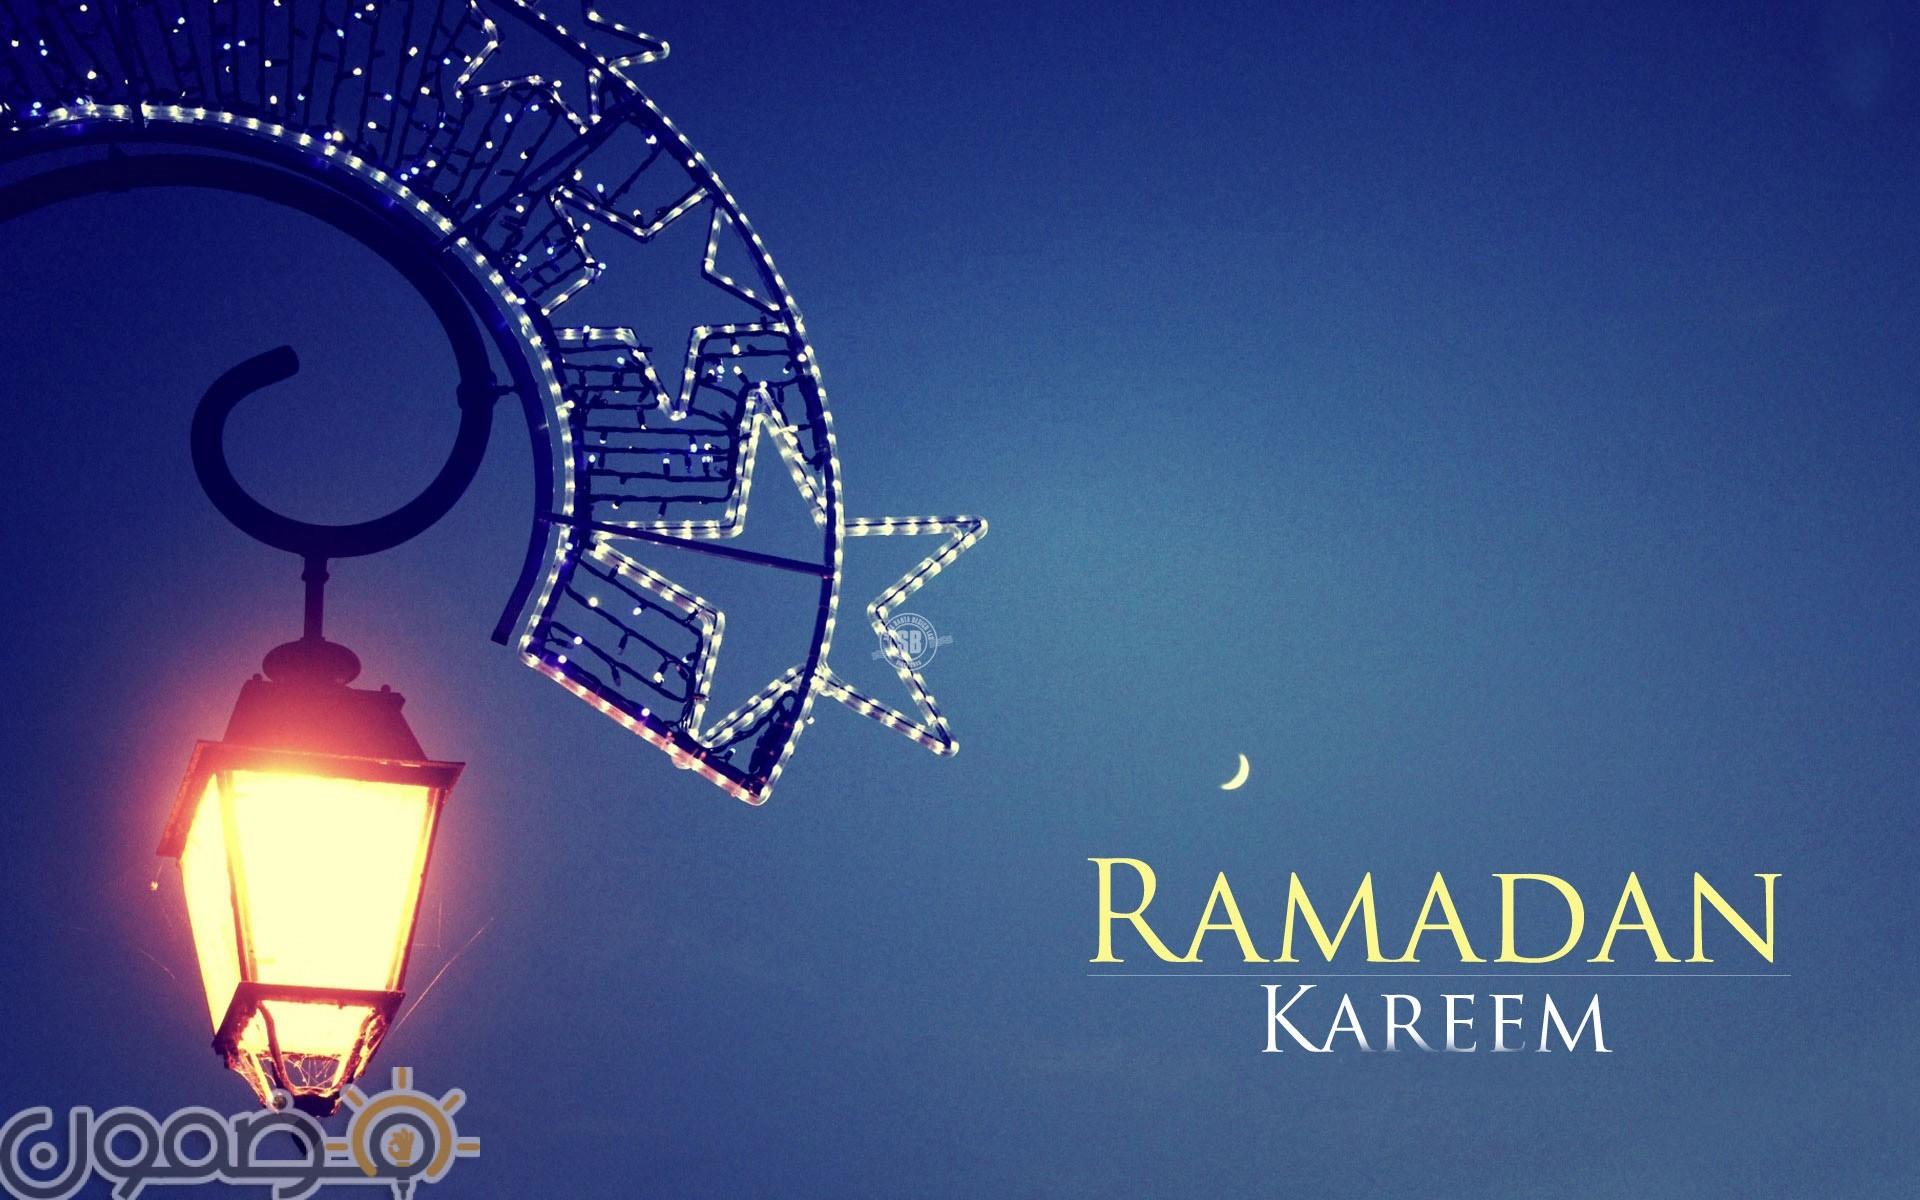 خلفيات رمضان بنات 5 خلفيات رمضان بنات للفيس وتويتر